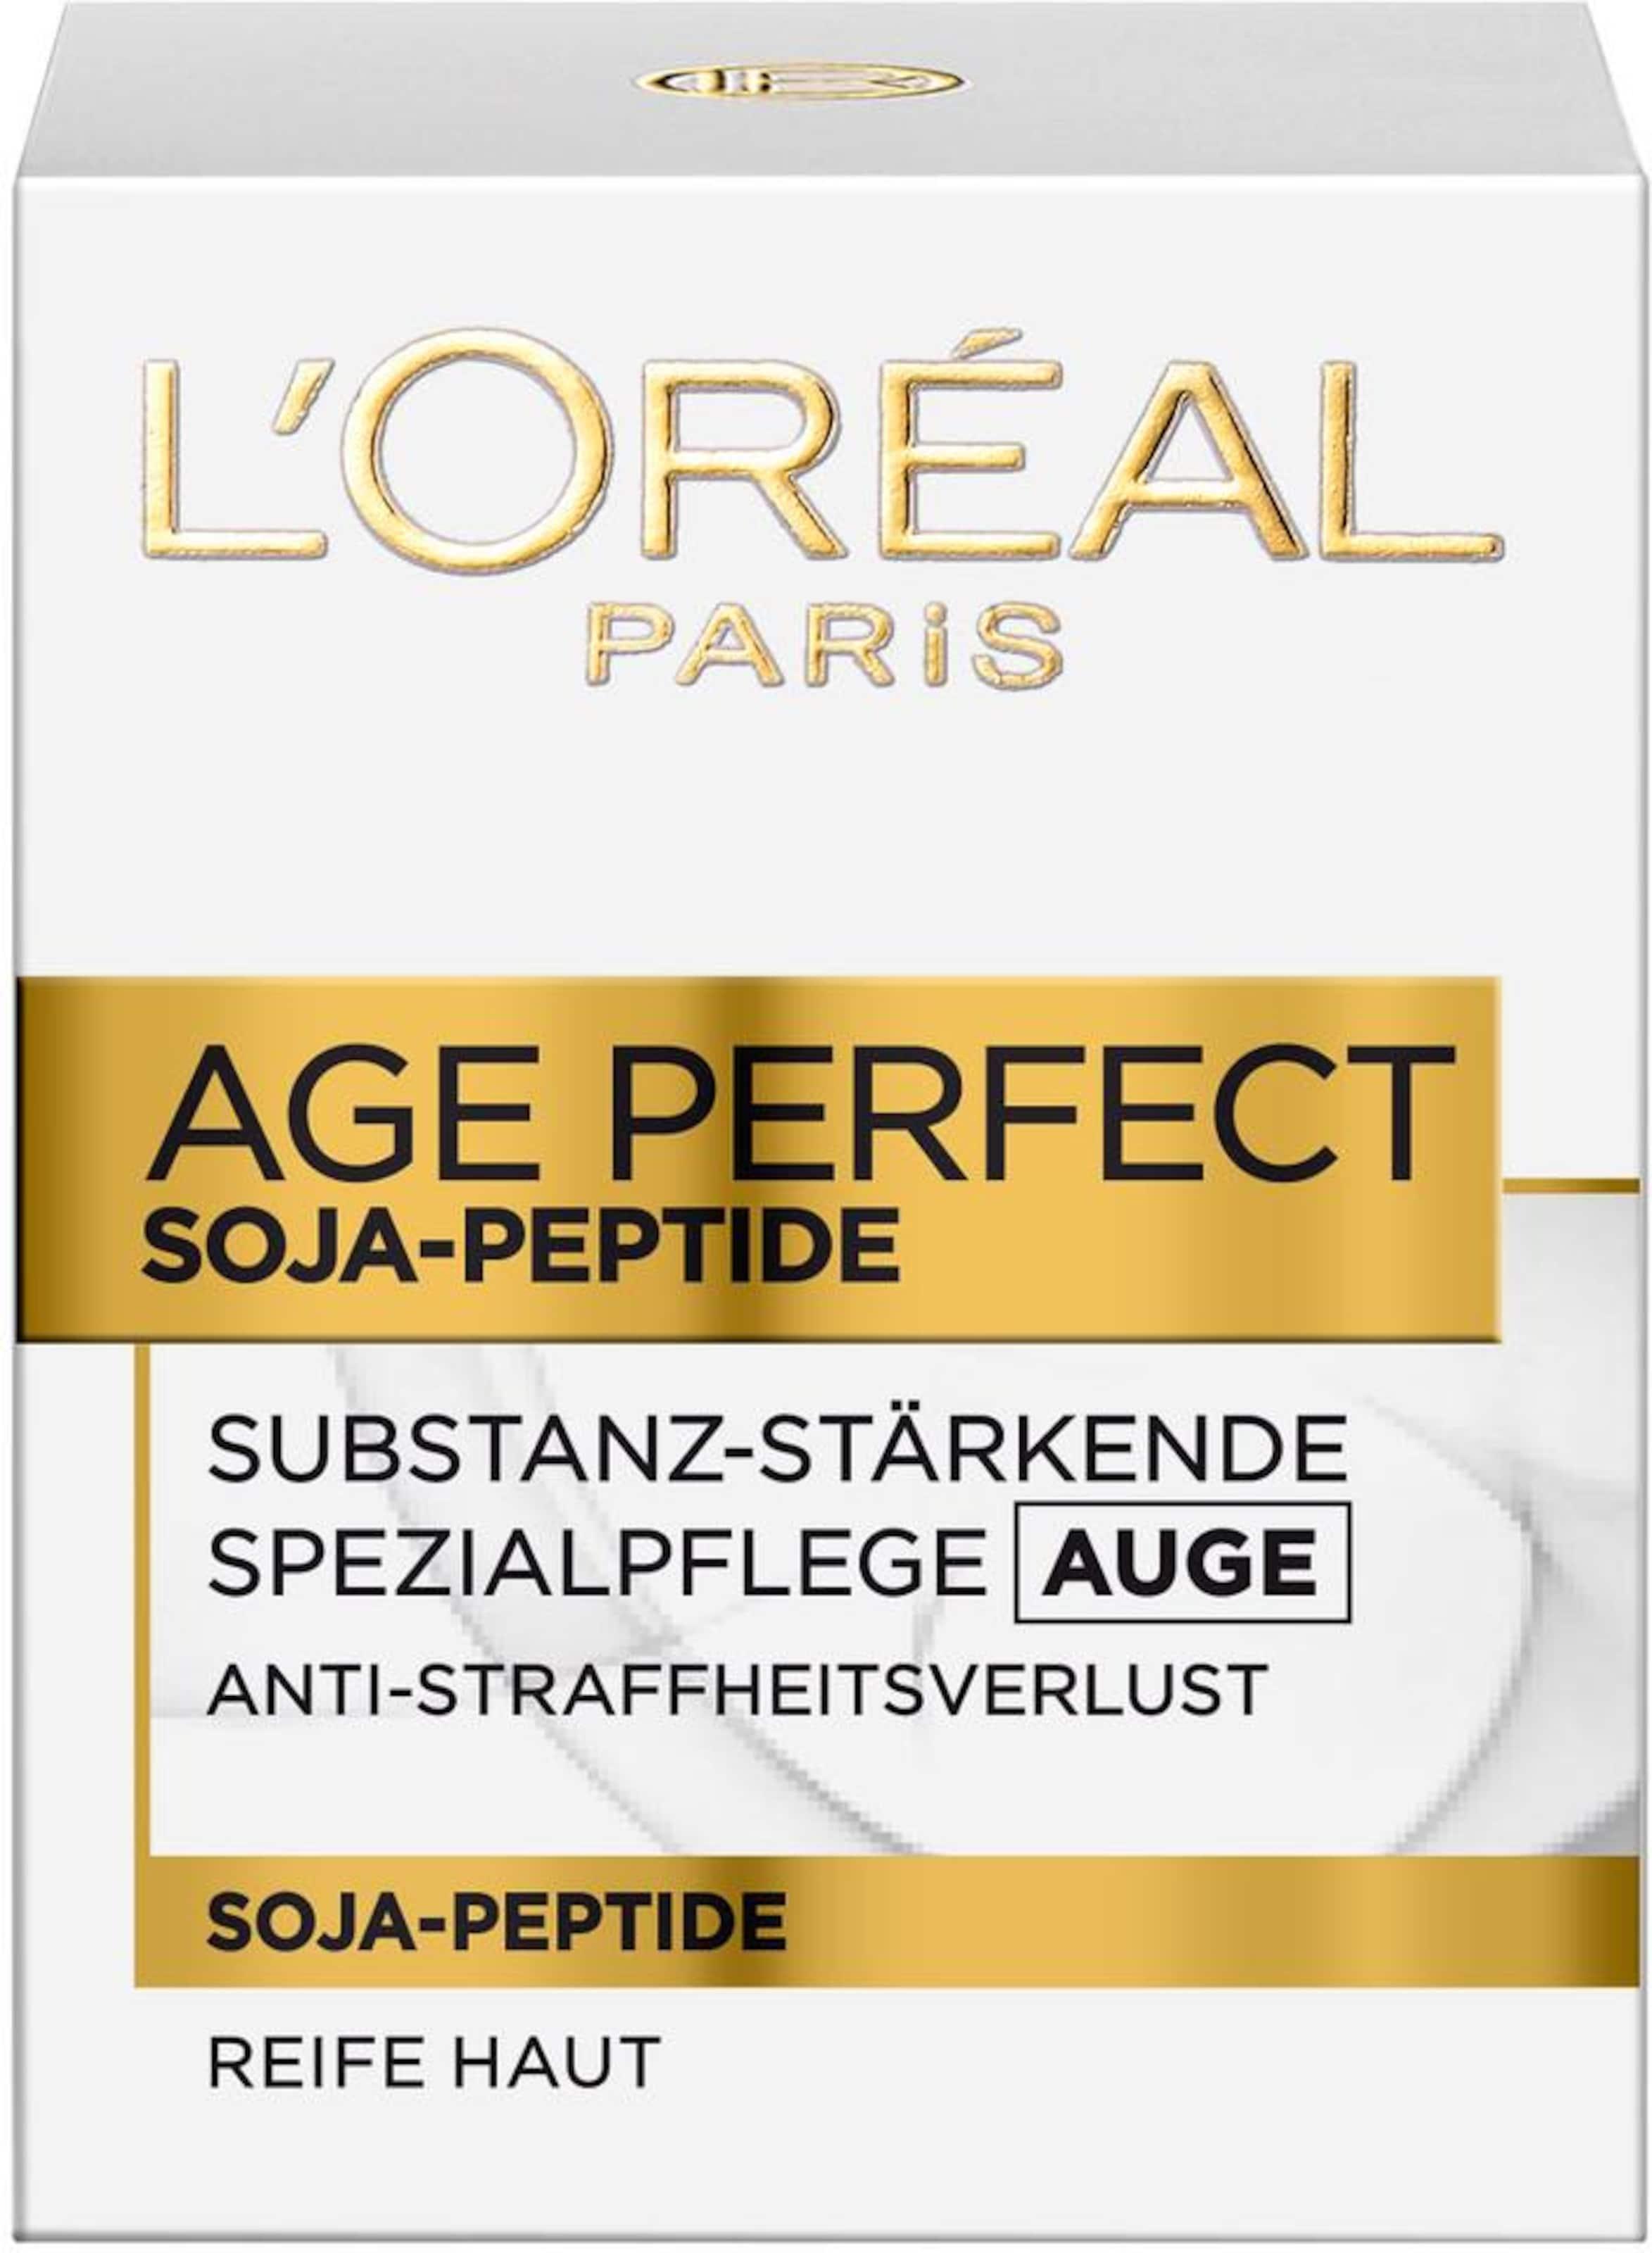 Paris L'Or茅al Augenpflege 'Age Soja Perfect L'Or茅al Paris 'Age Augenpflege' m qUApq